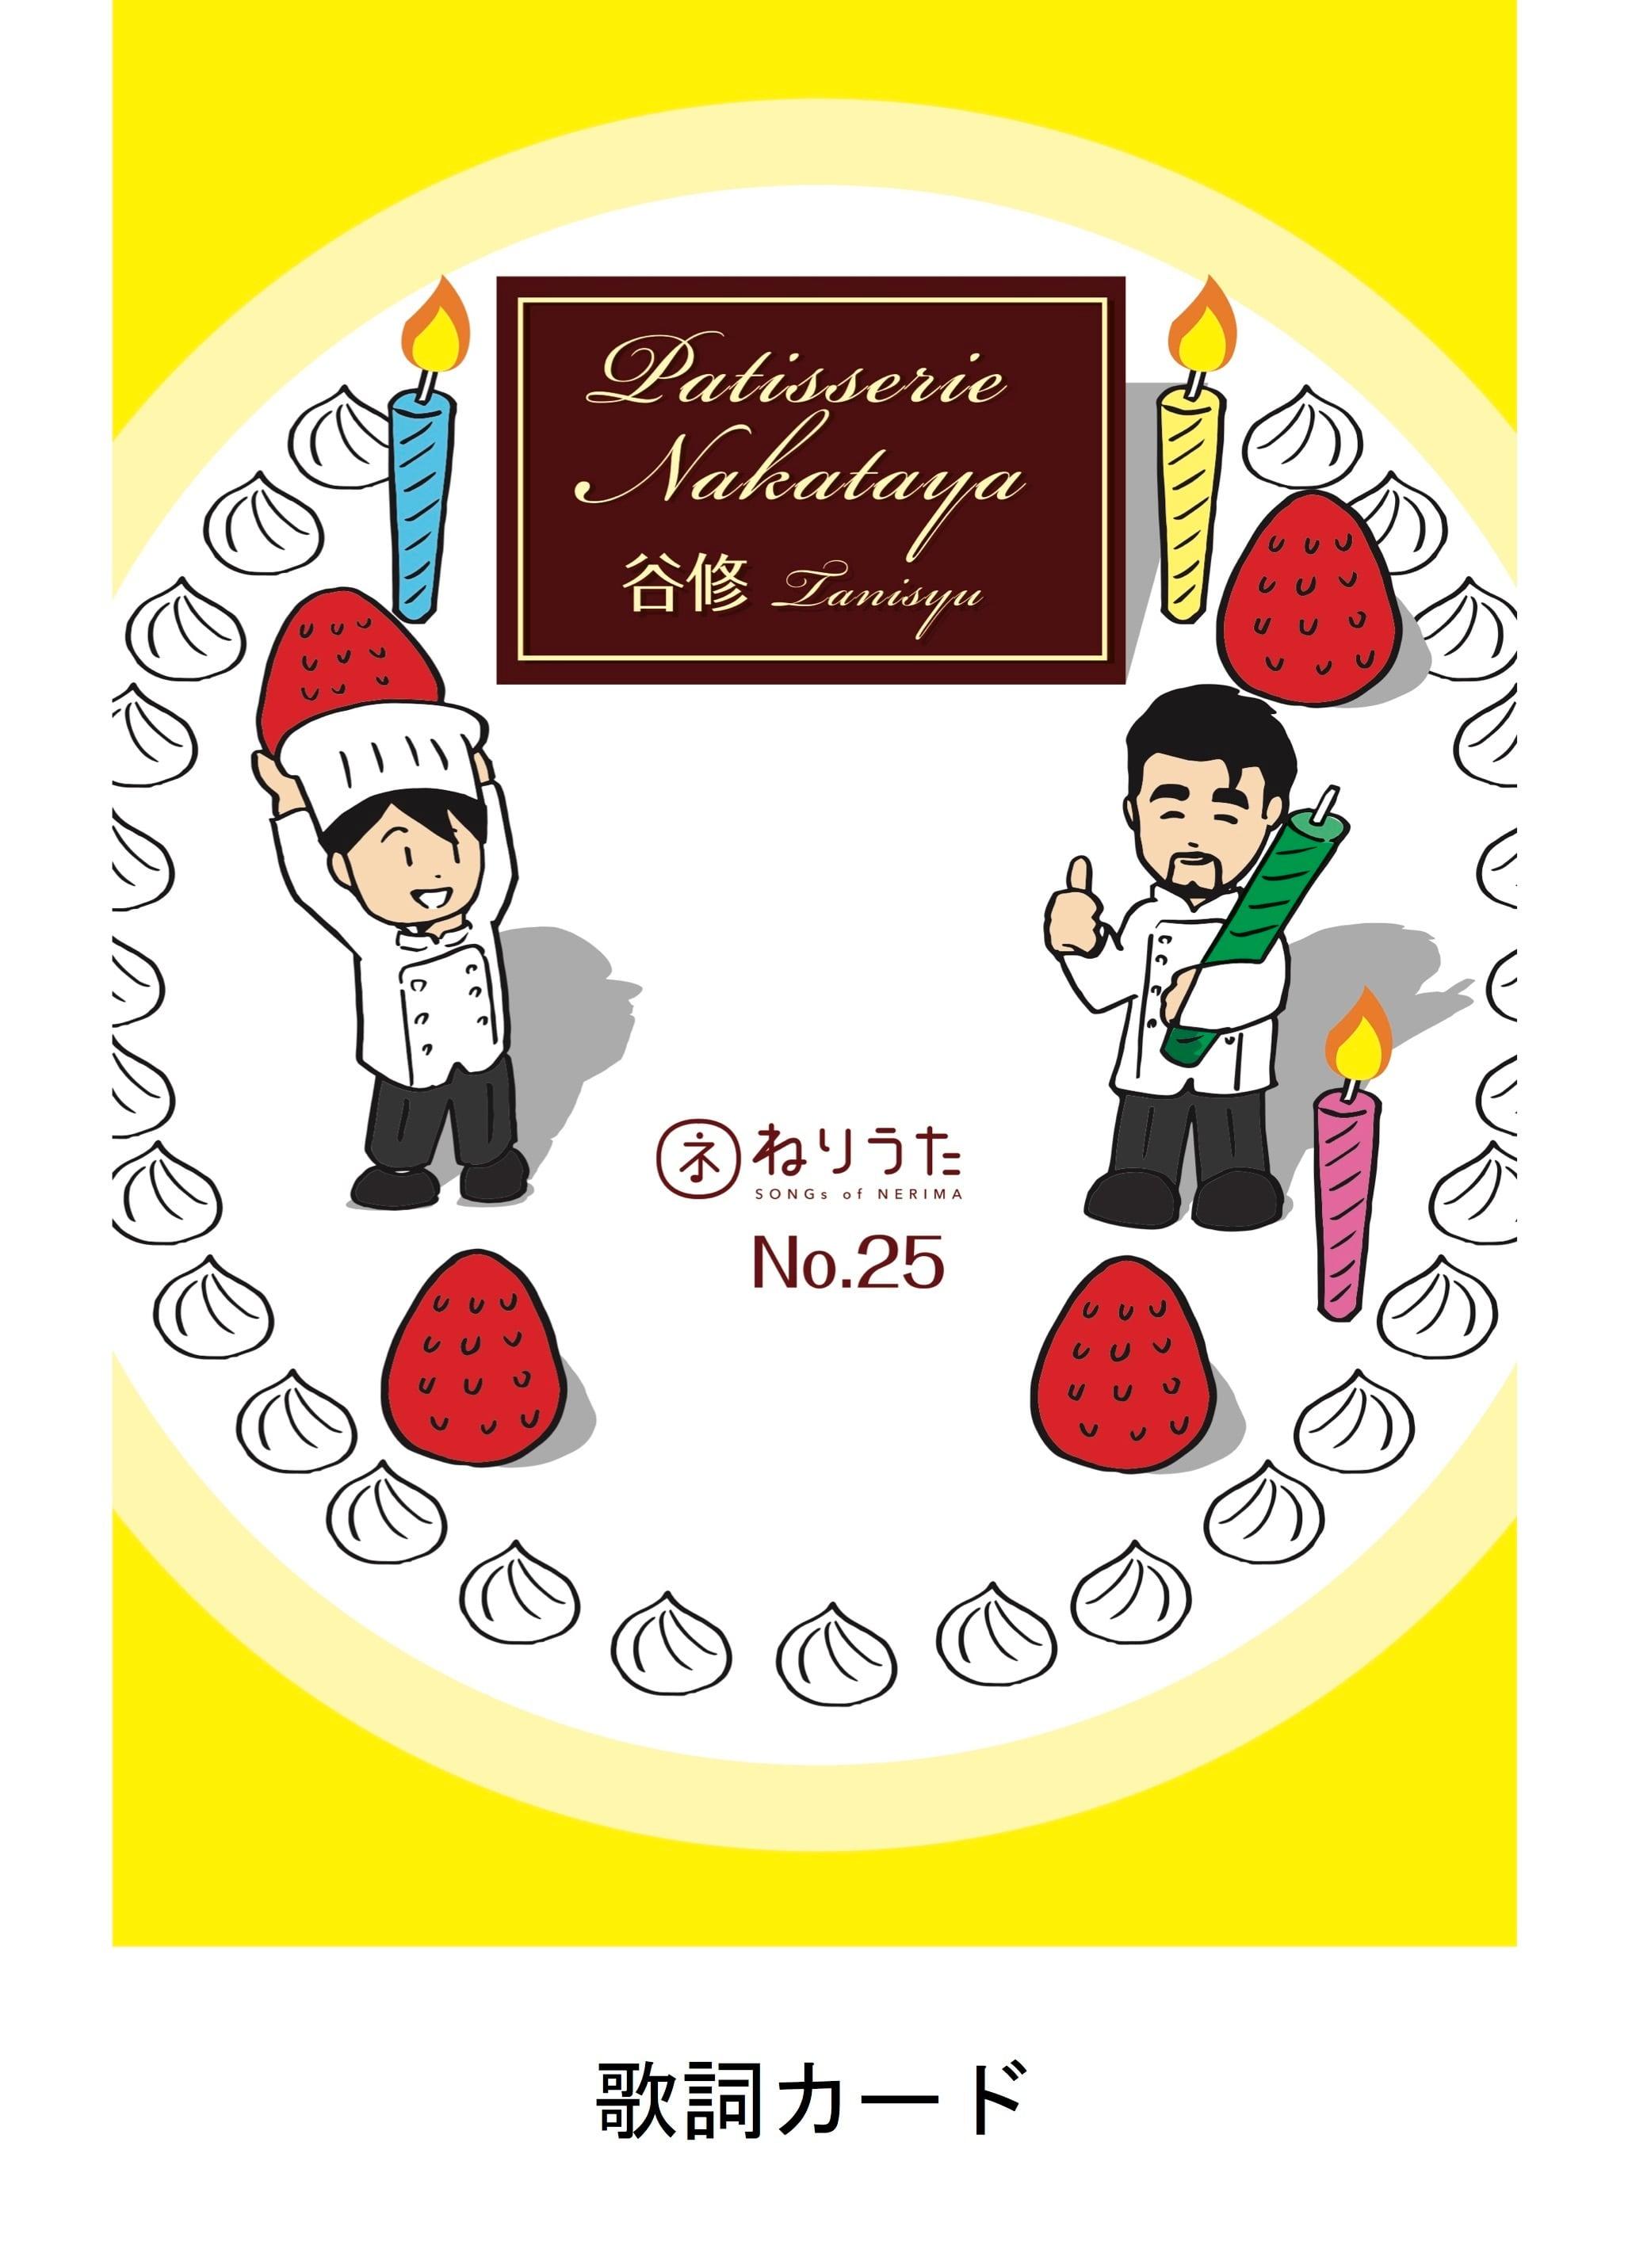 ねりうた #25 「Patisserie Nakataya」歌詞カード